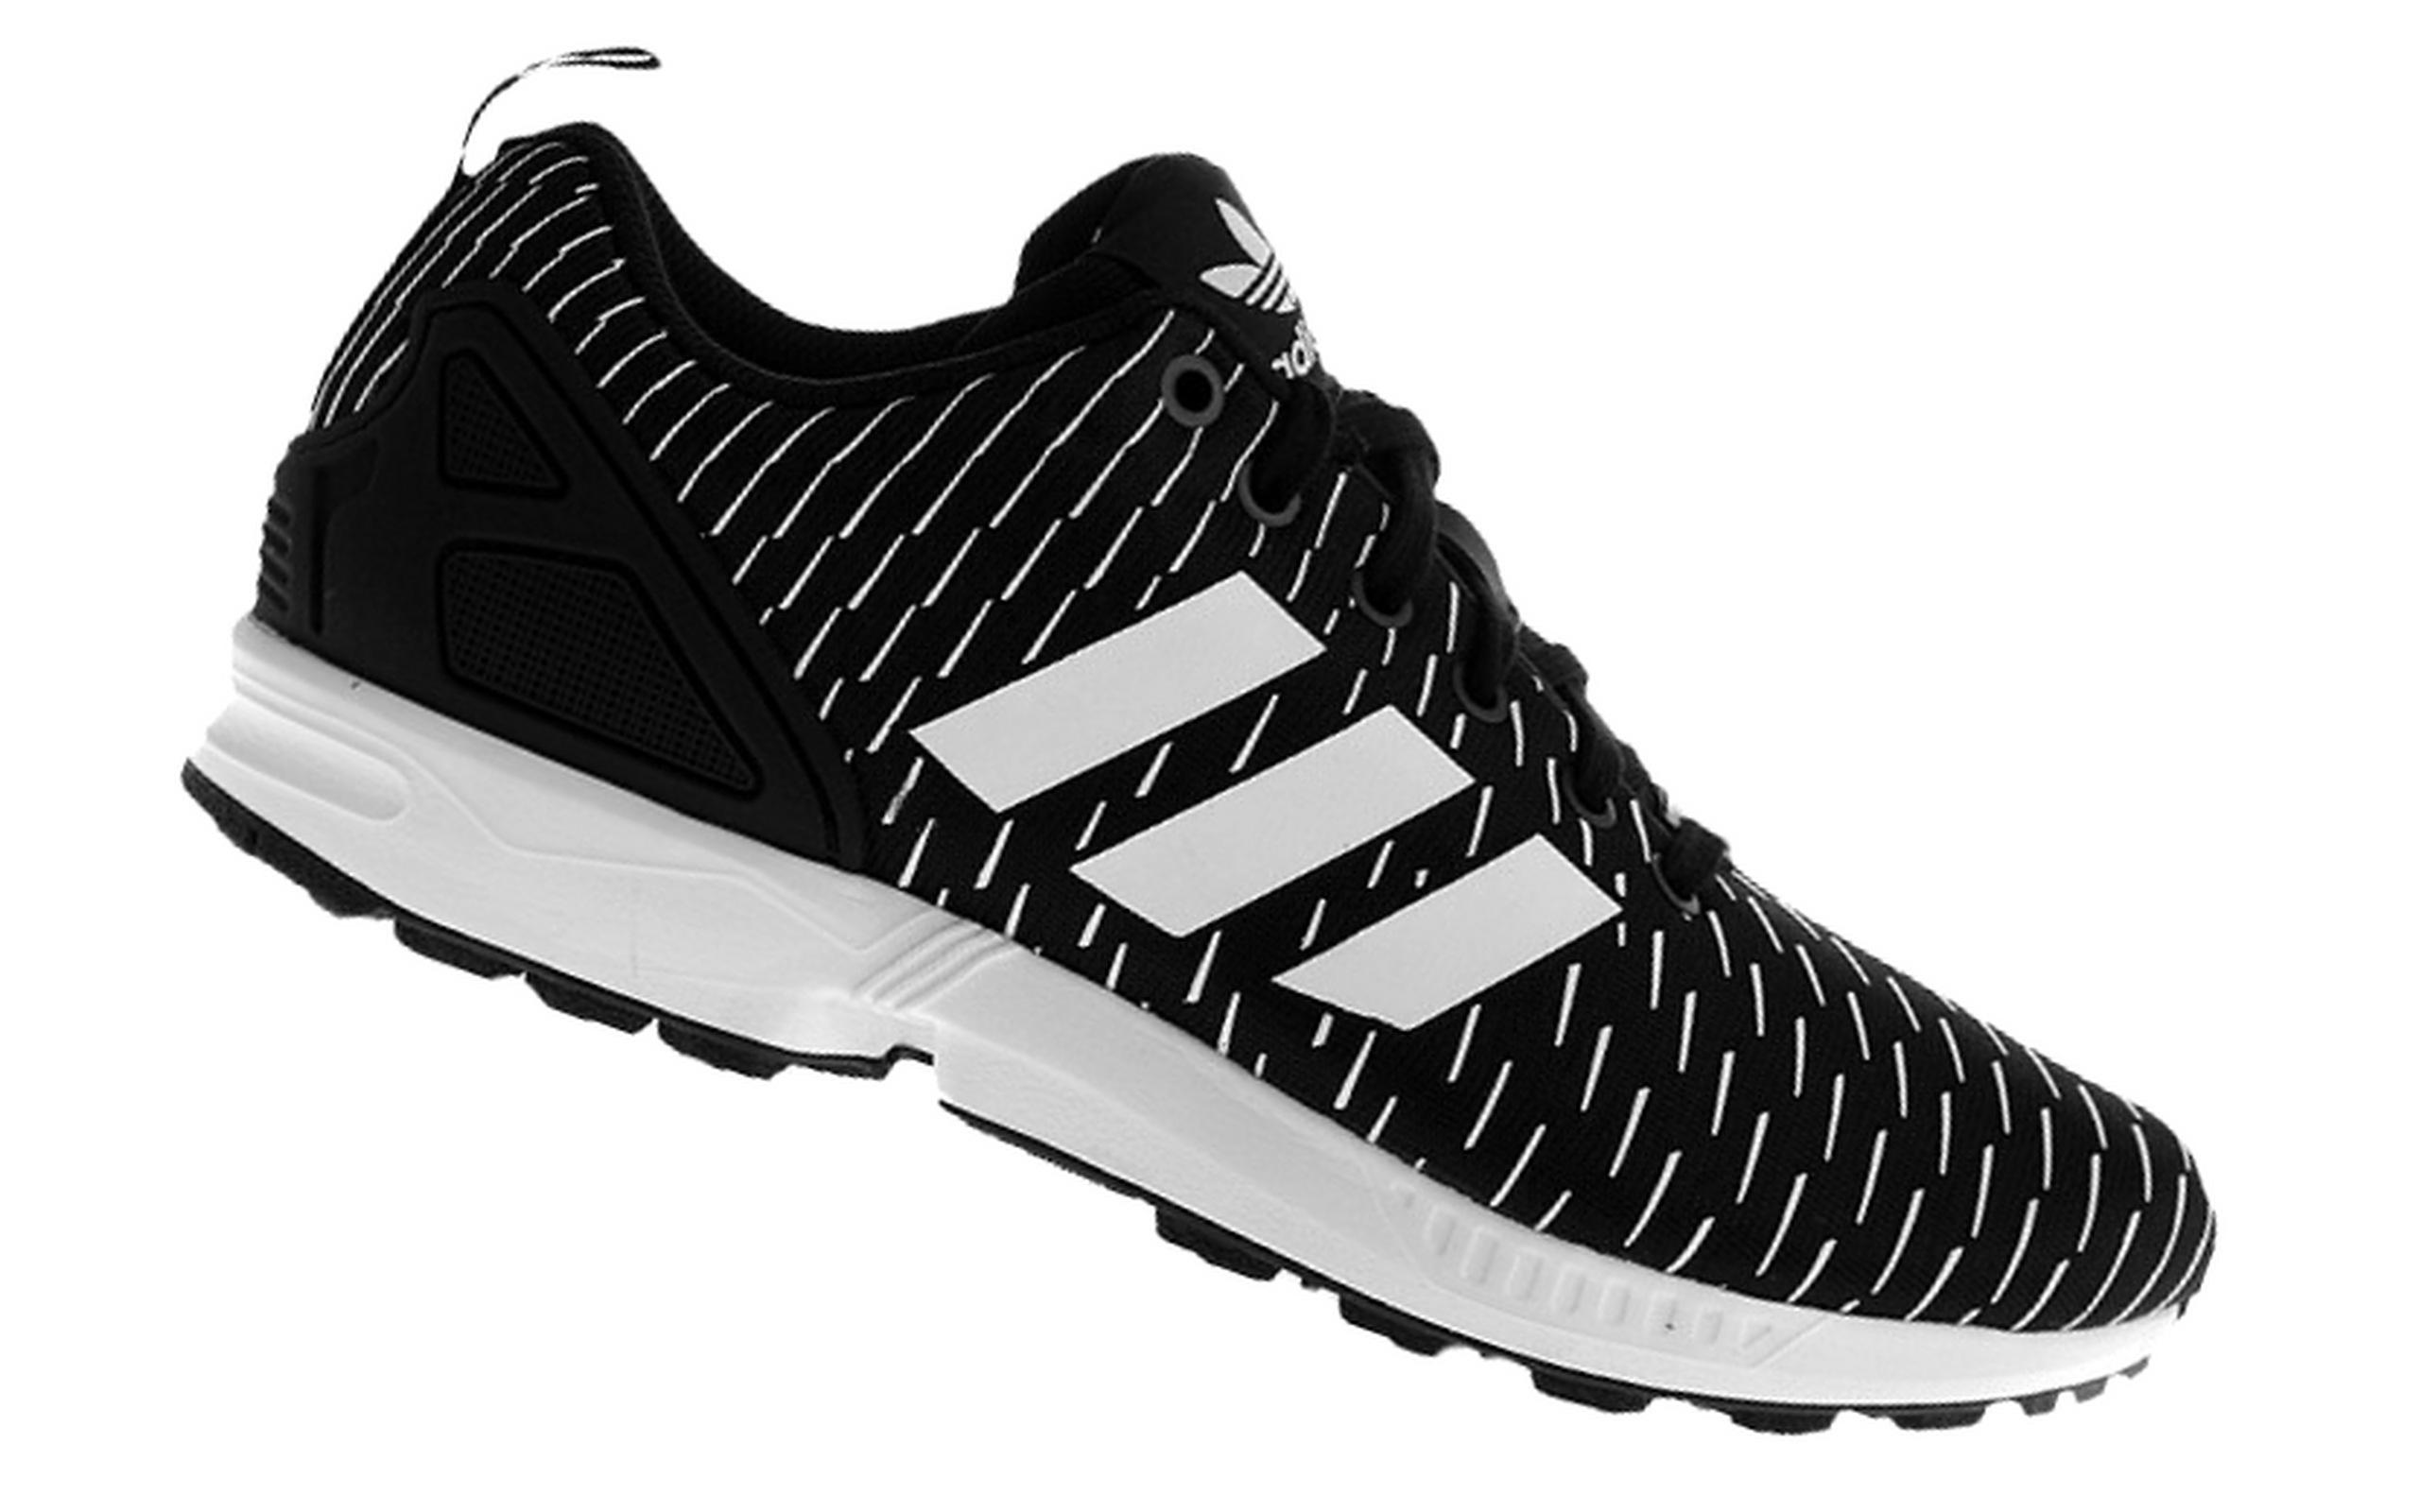 lowest price exclusive shoes elegant shoes adidas Originals ZX Flux S75525 rozmiar 43,3 - 6836568836 ...